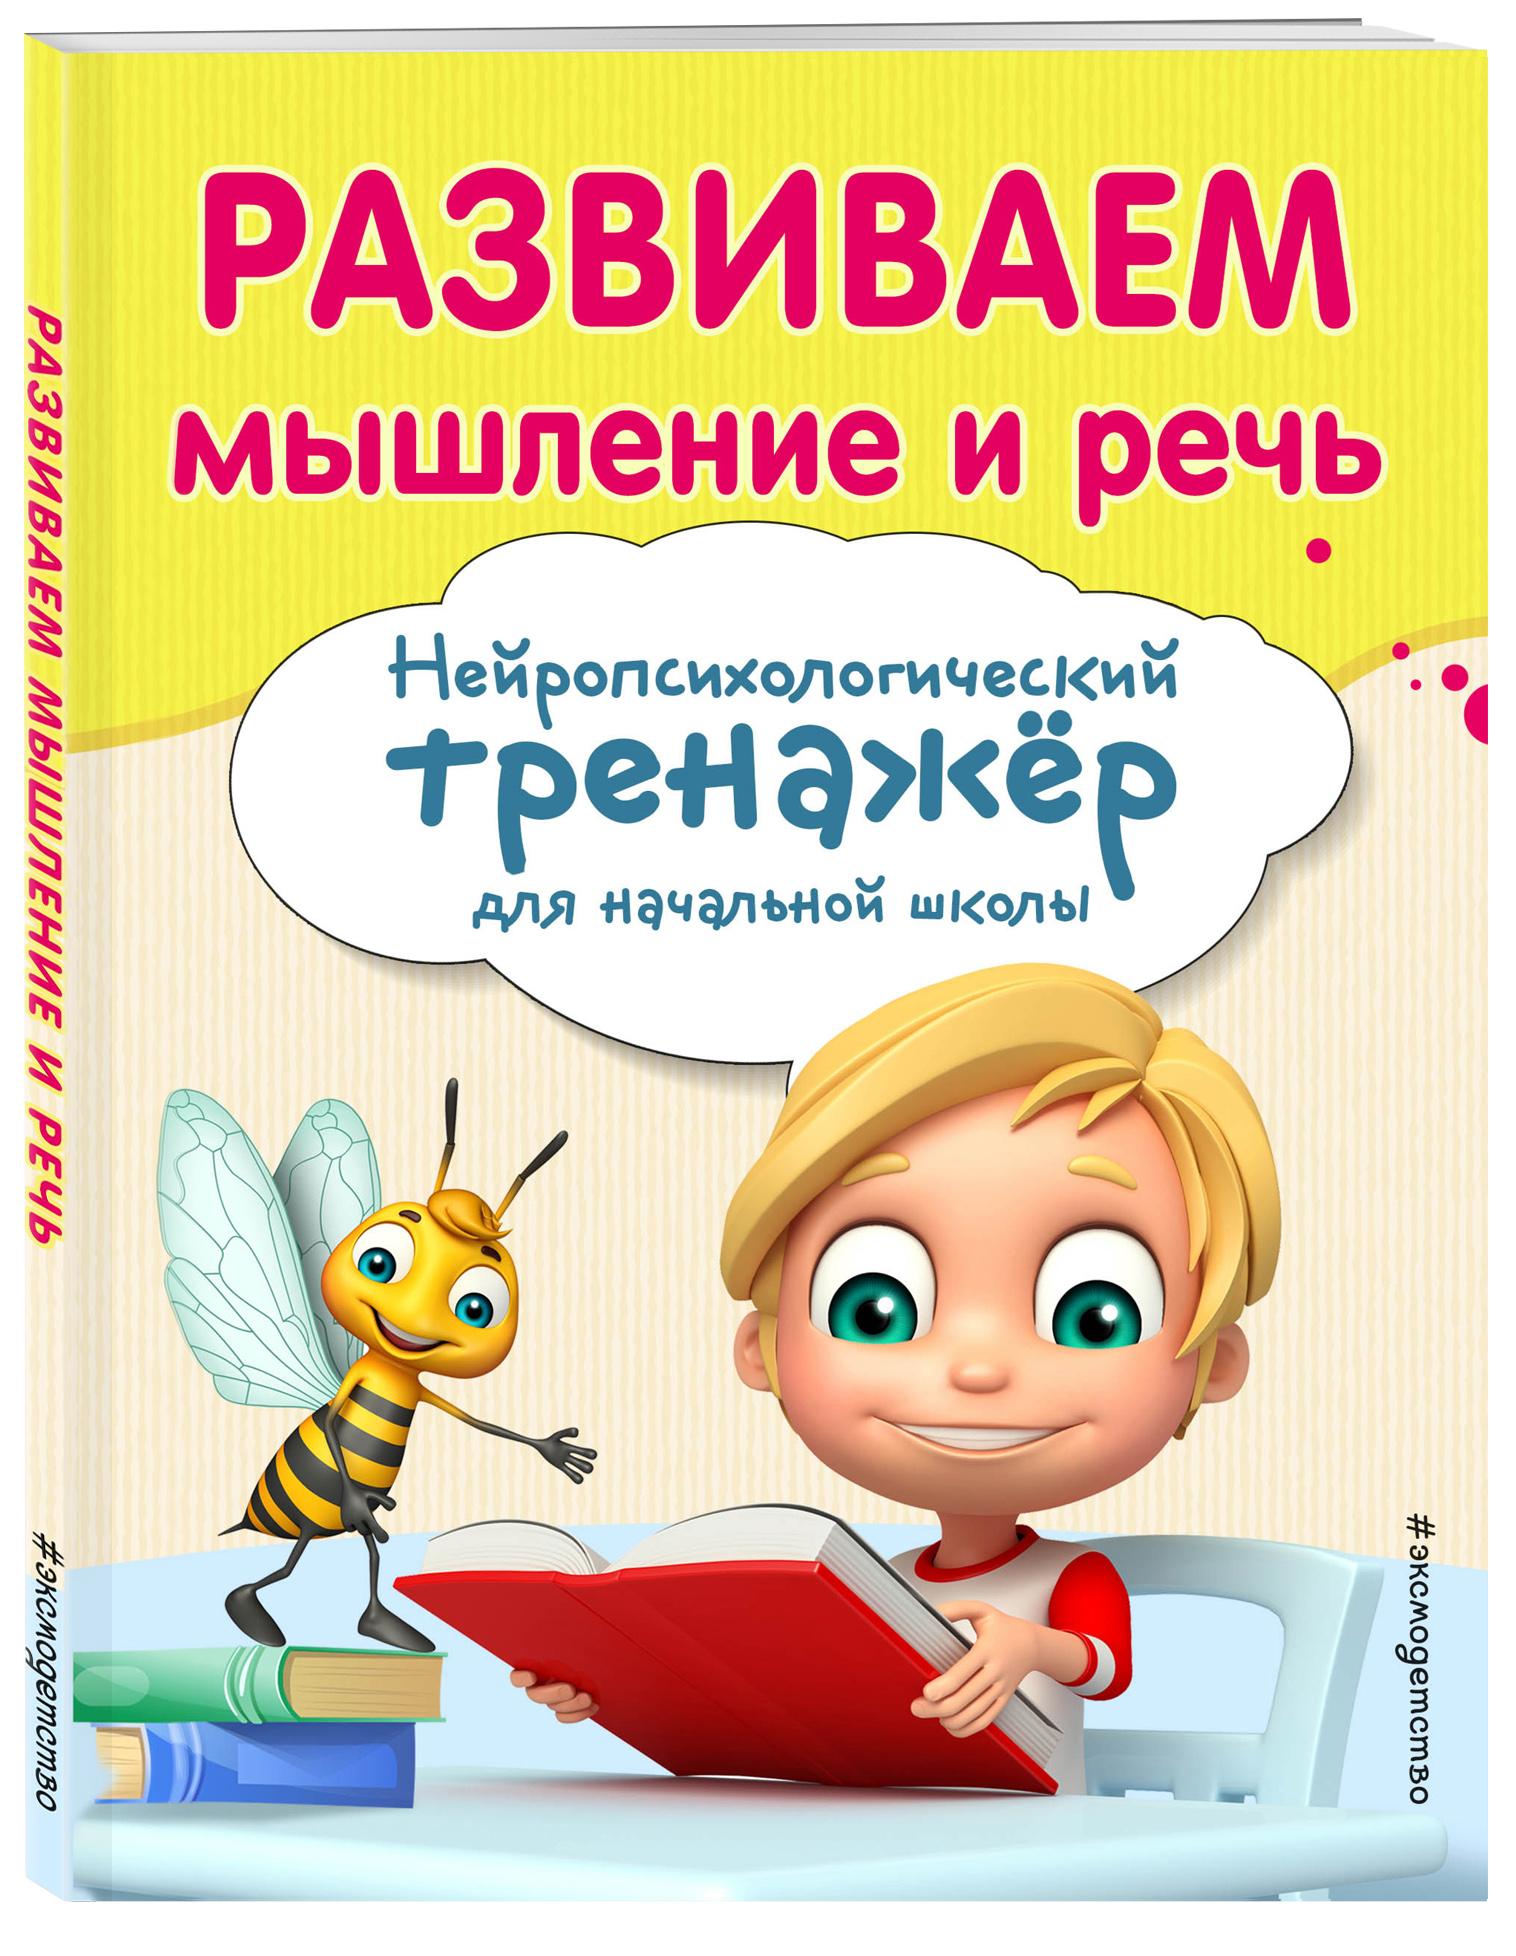 Развиваем мышление и речь ( Емельянова Екатерина Николаевна, Трофимова Елена Константиновна  )